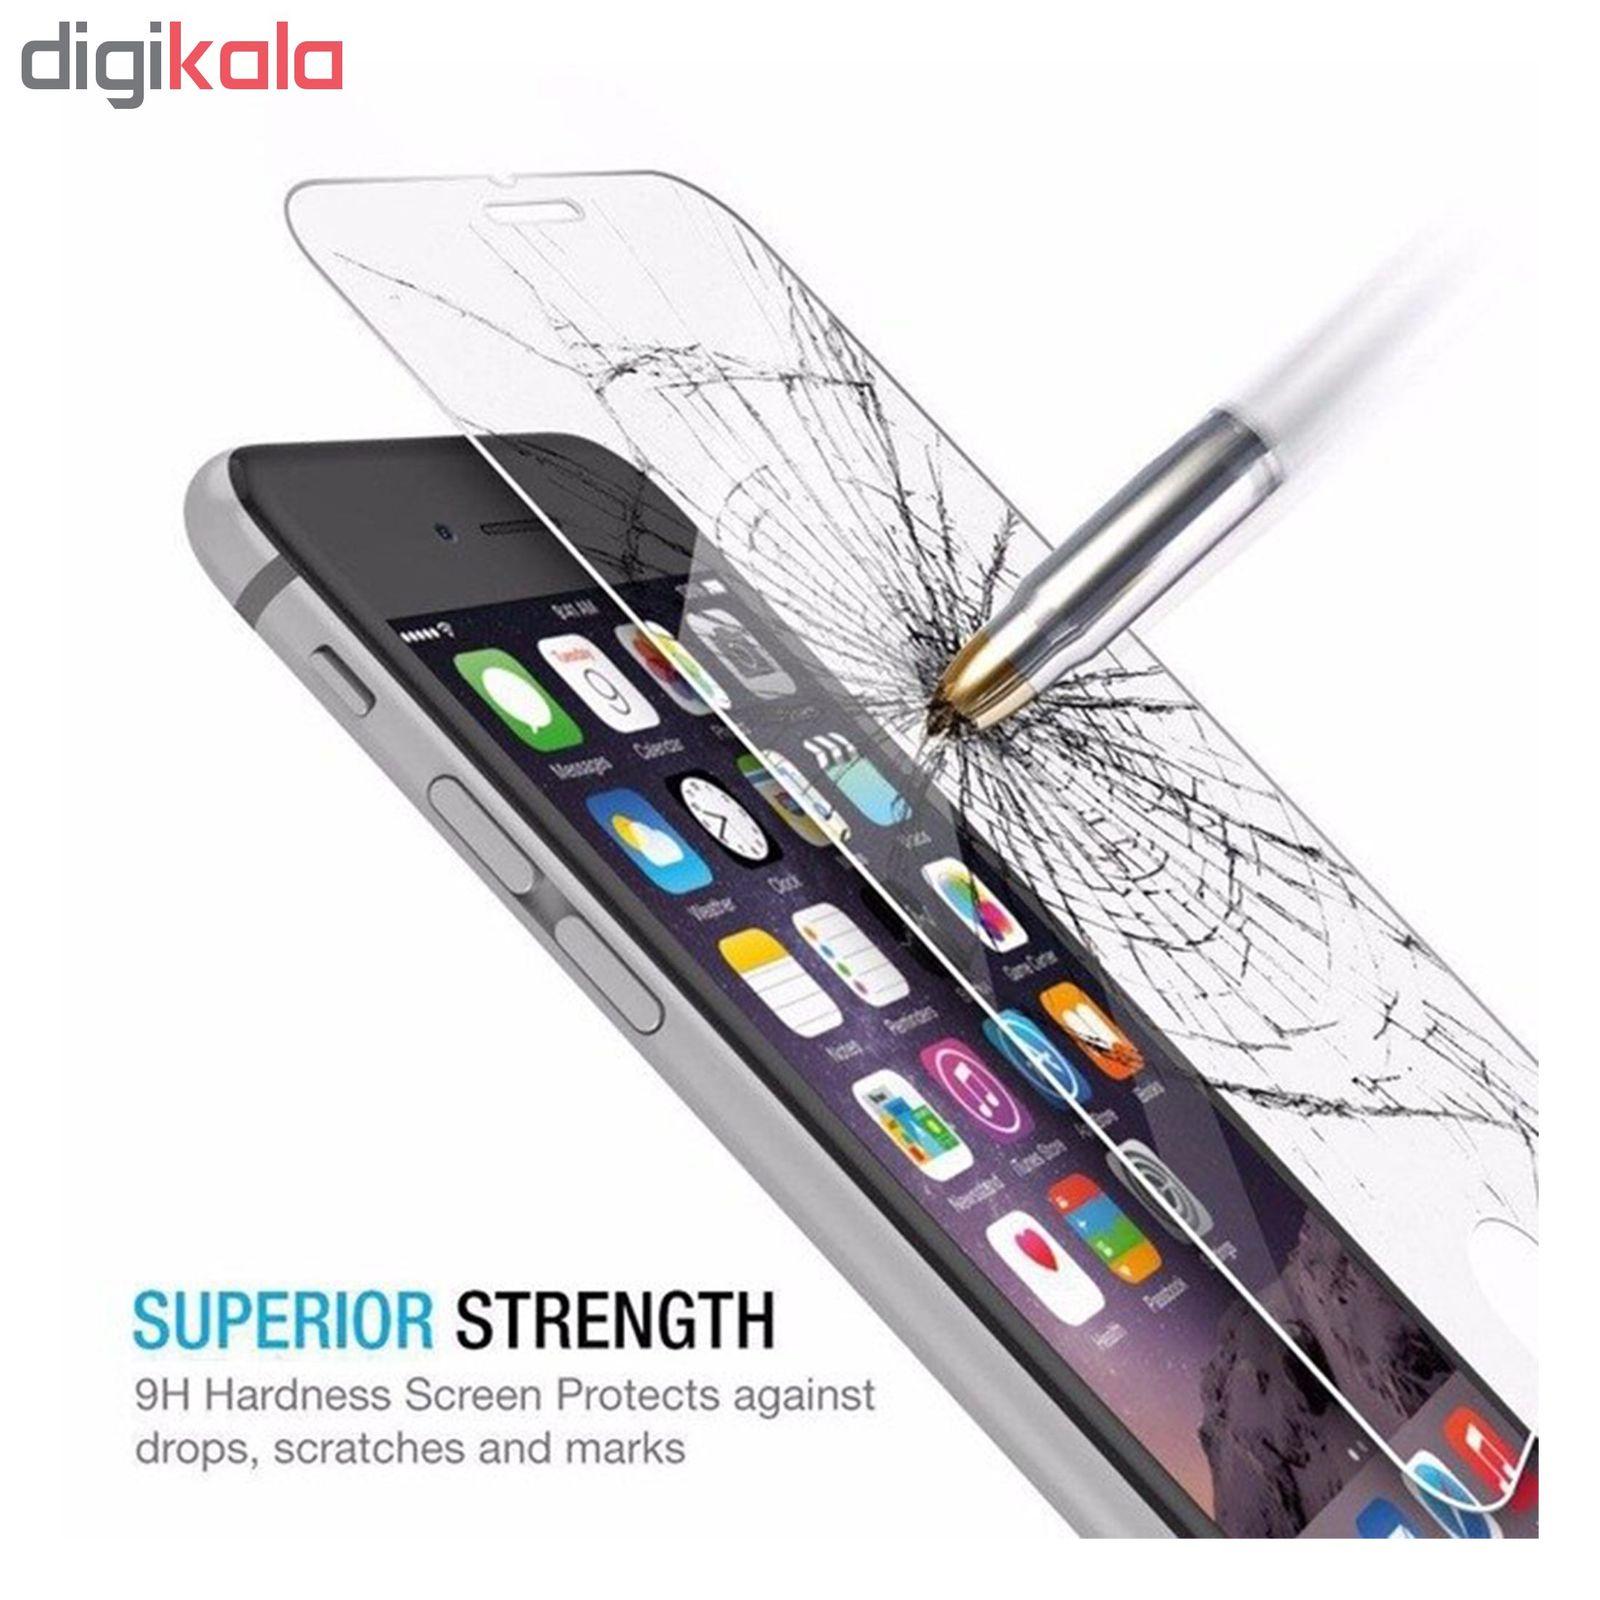 محافظ صفحه نمایش Hard and thick مدل F-001 مناسب برای گوشی موبایل سامسونگ Galaxy S10 plus main 1 3